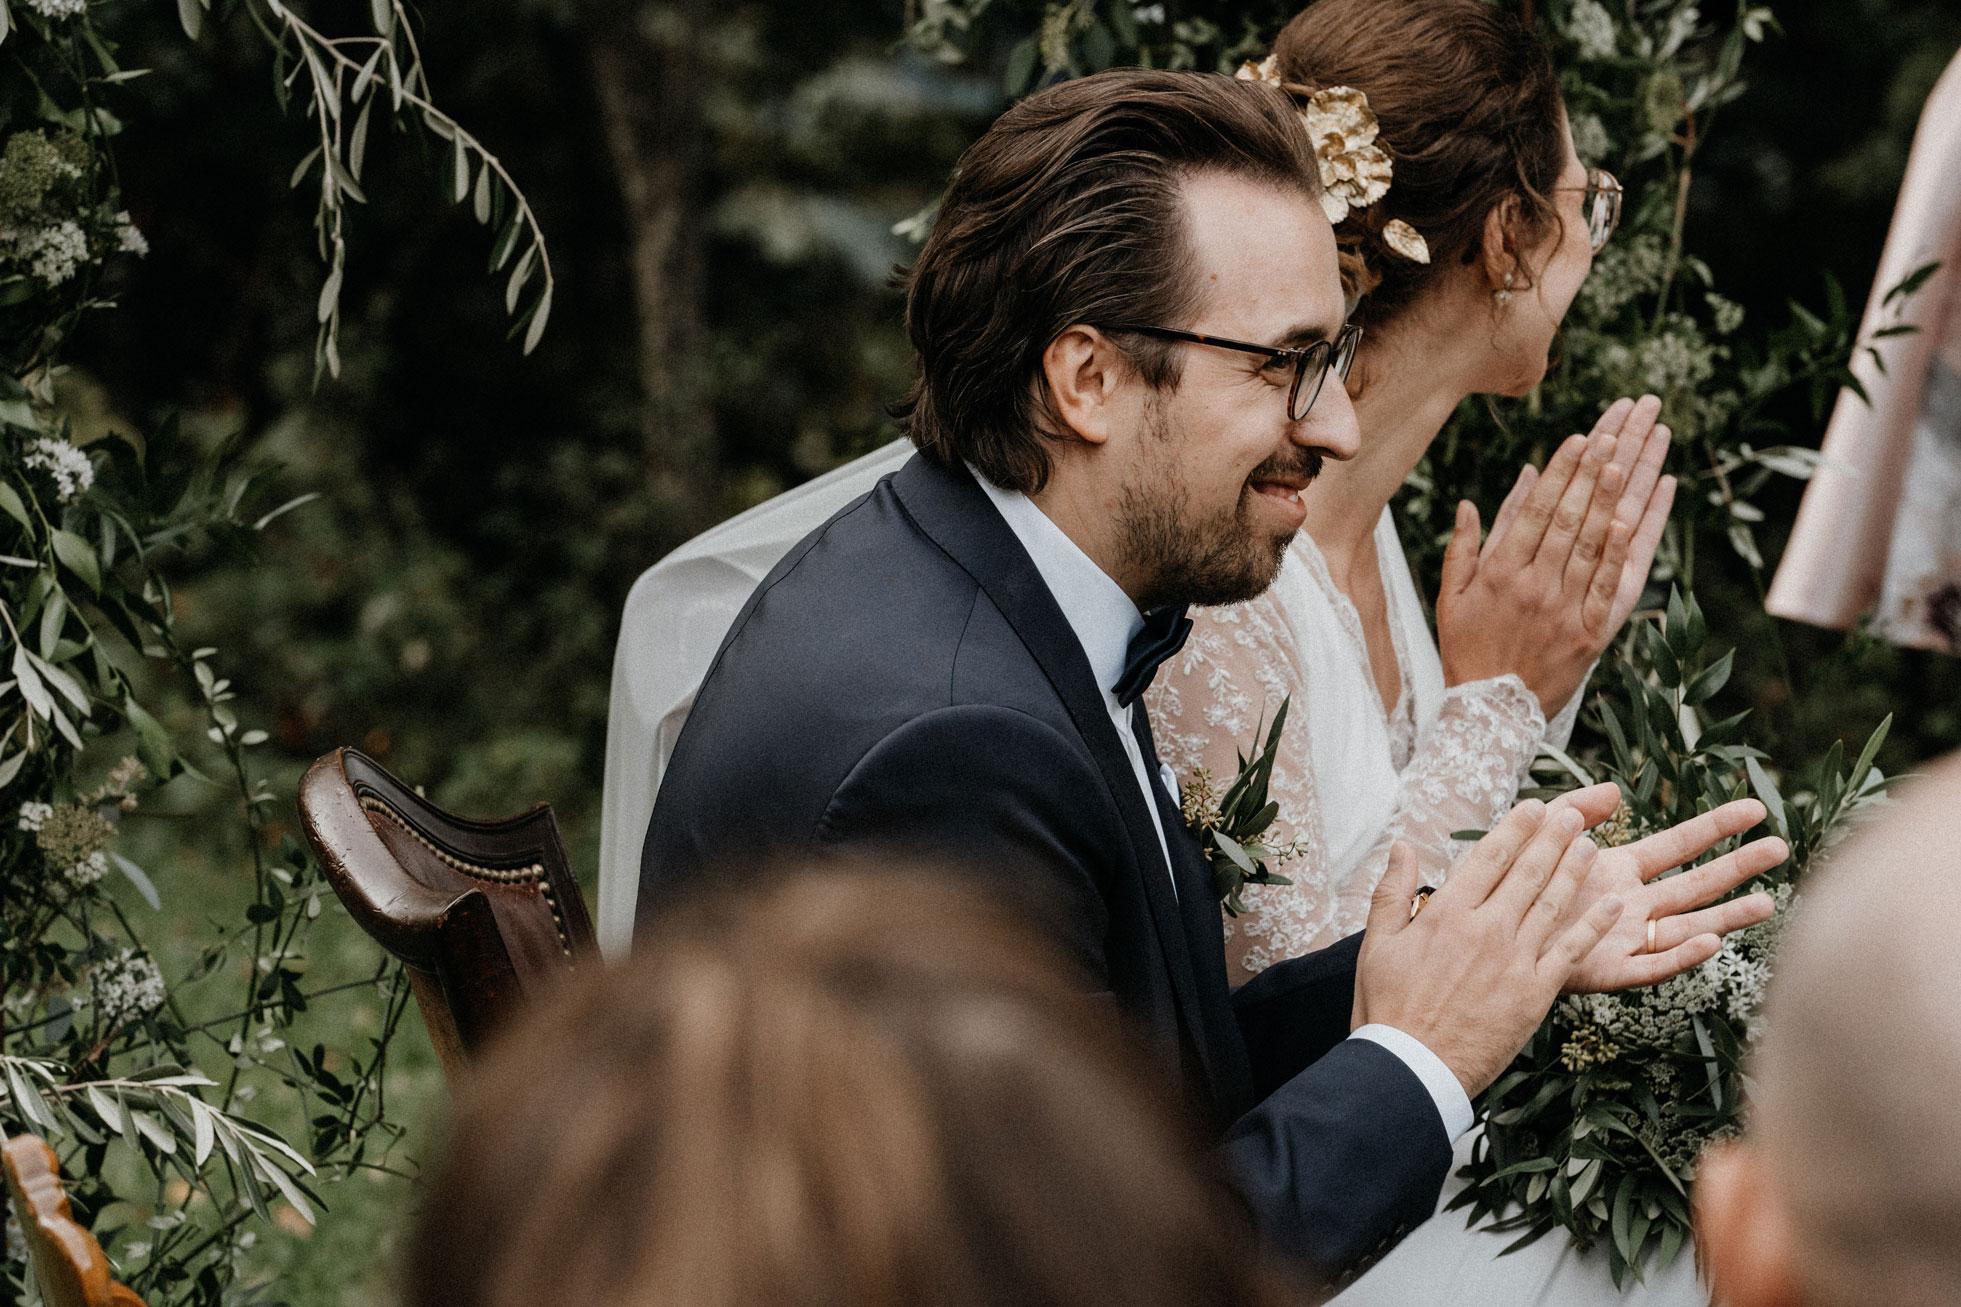 Hochzeit_Claire_Manuel_Villa_Maund_Daniel_Jenny-222.jpg